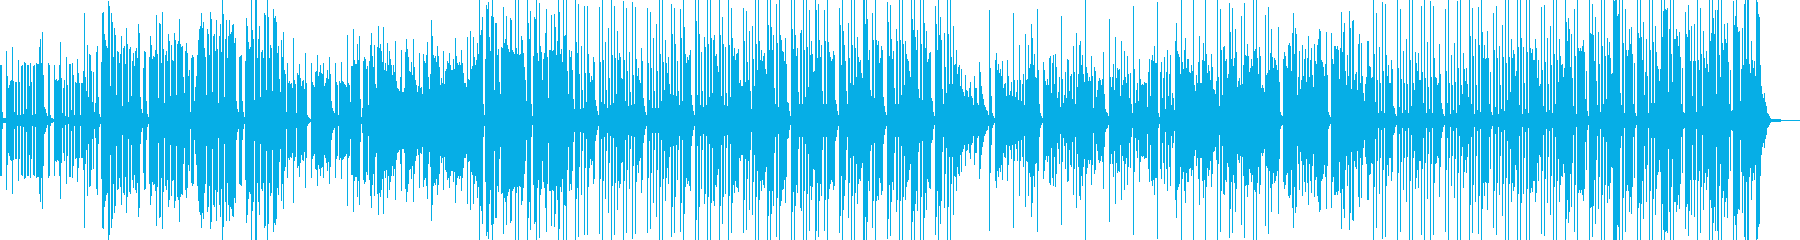 カッコ悪いシーンに・コミカルポップ Bの再生済みの波形